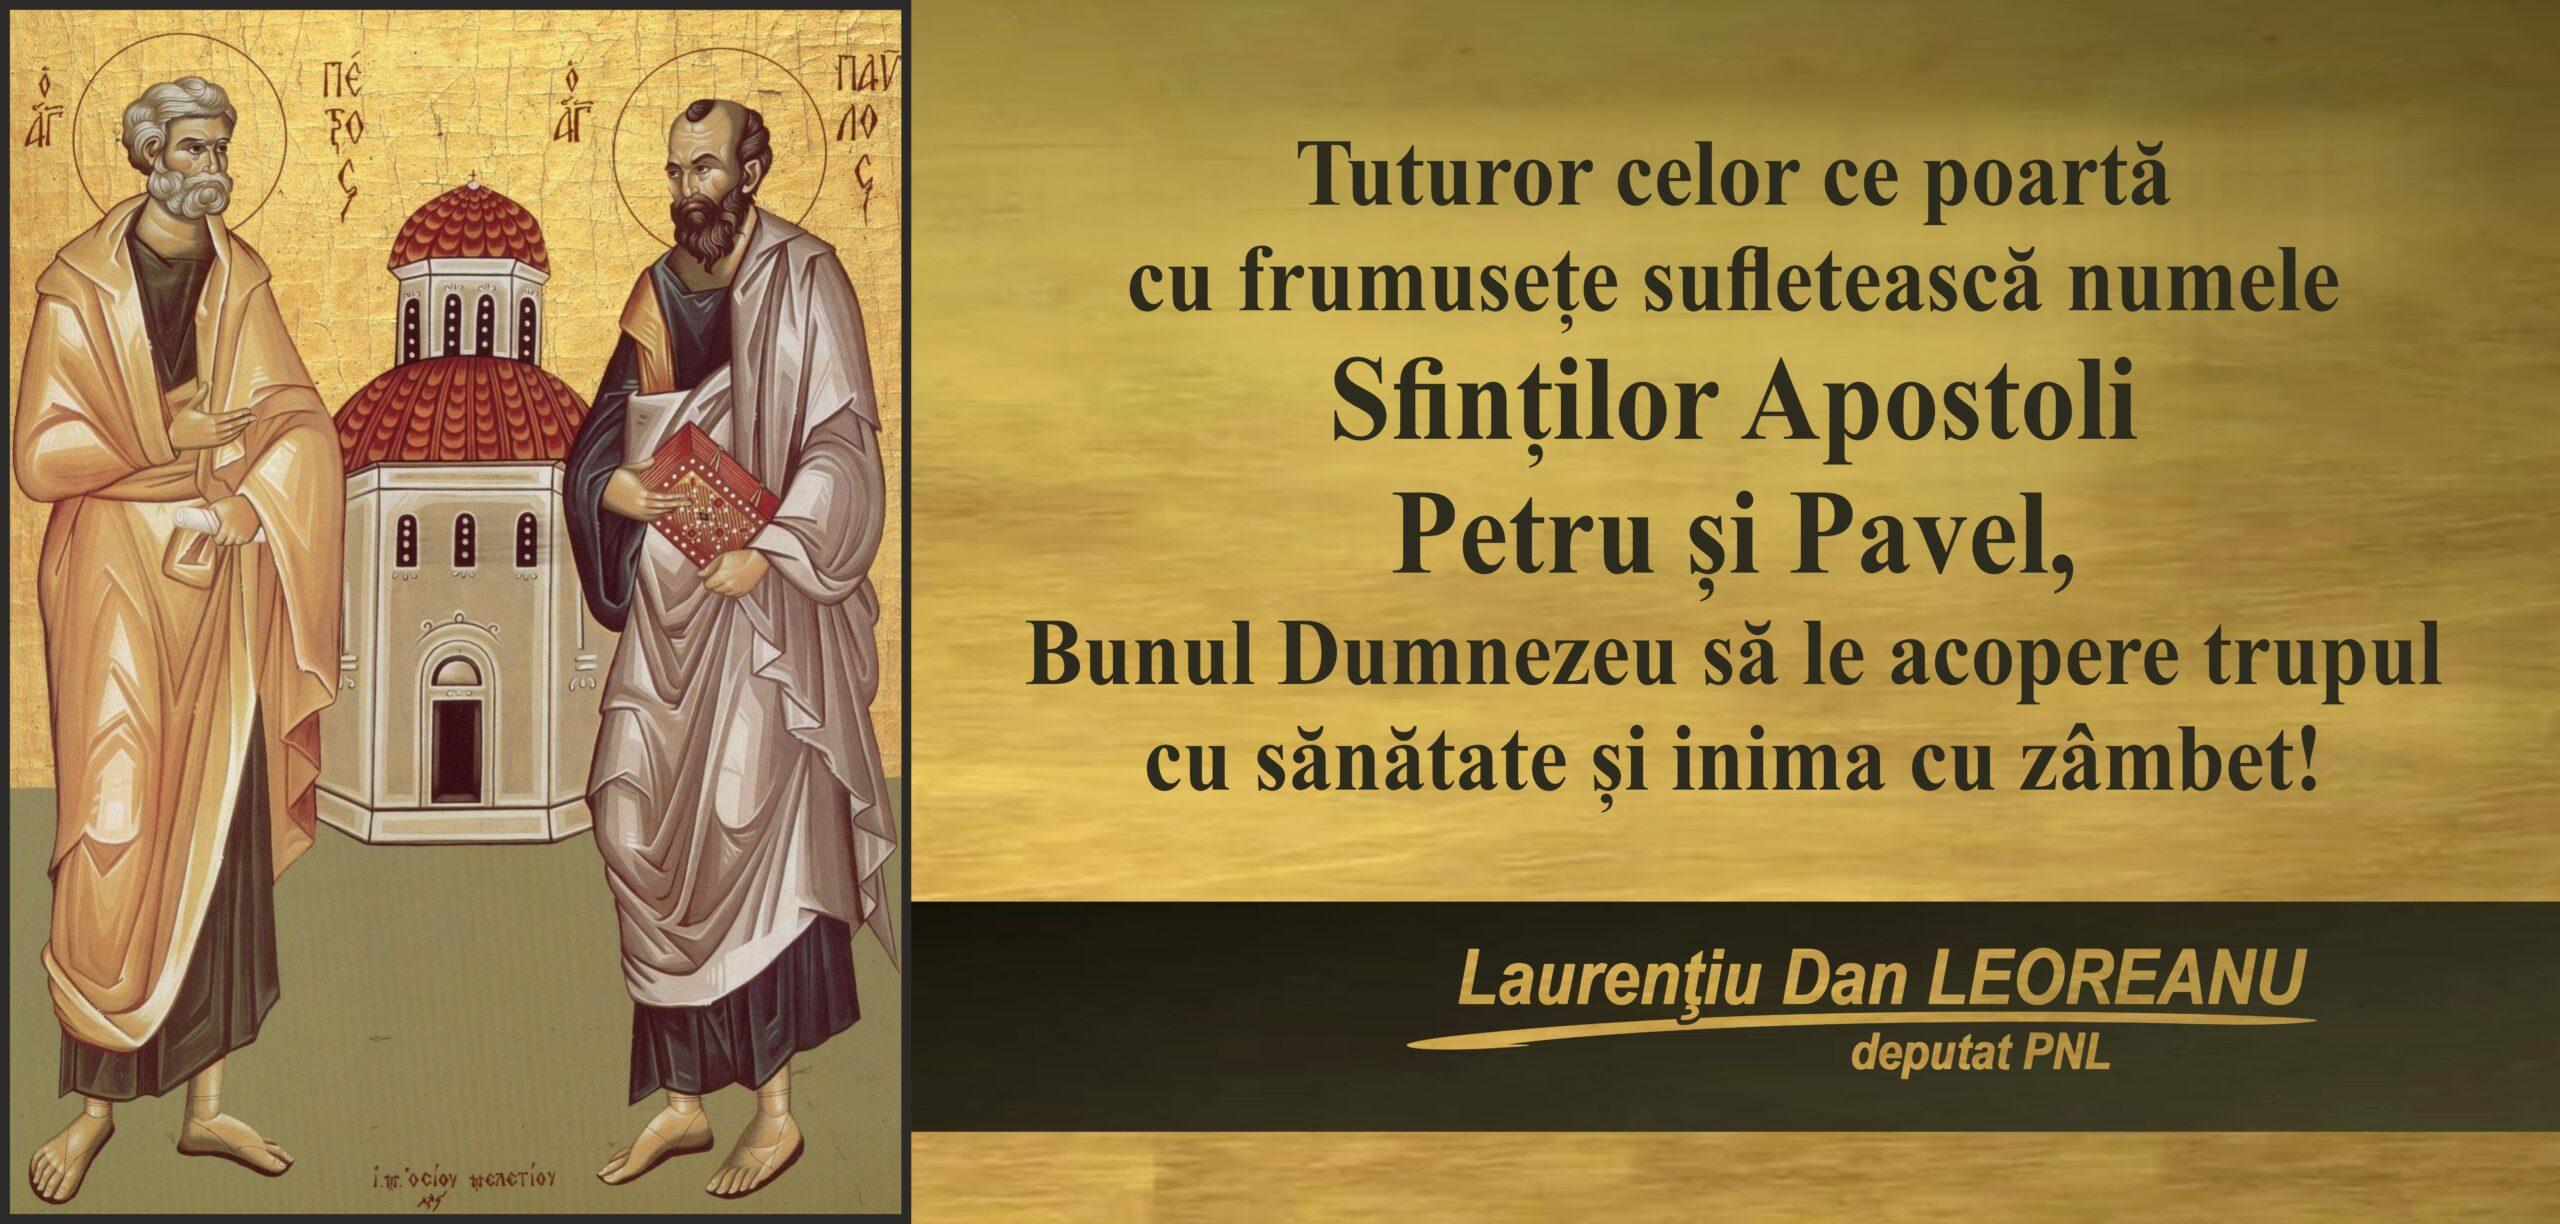 Felicitare de Sf. Apostoli Petru şi Pavel din partea deputatului PNL Laurenţiu Leoreanu